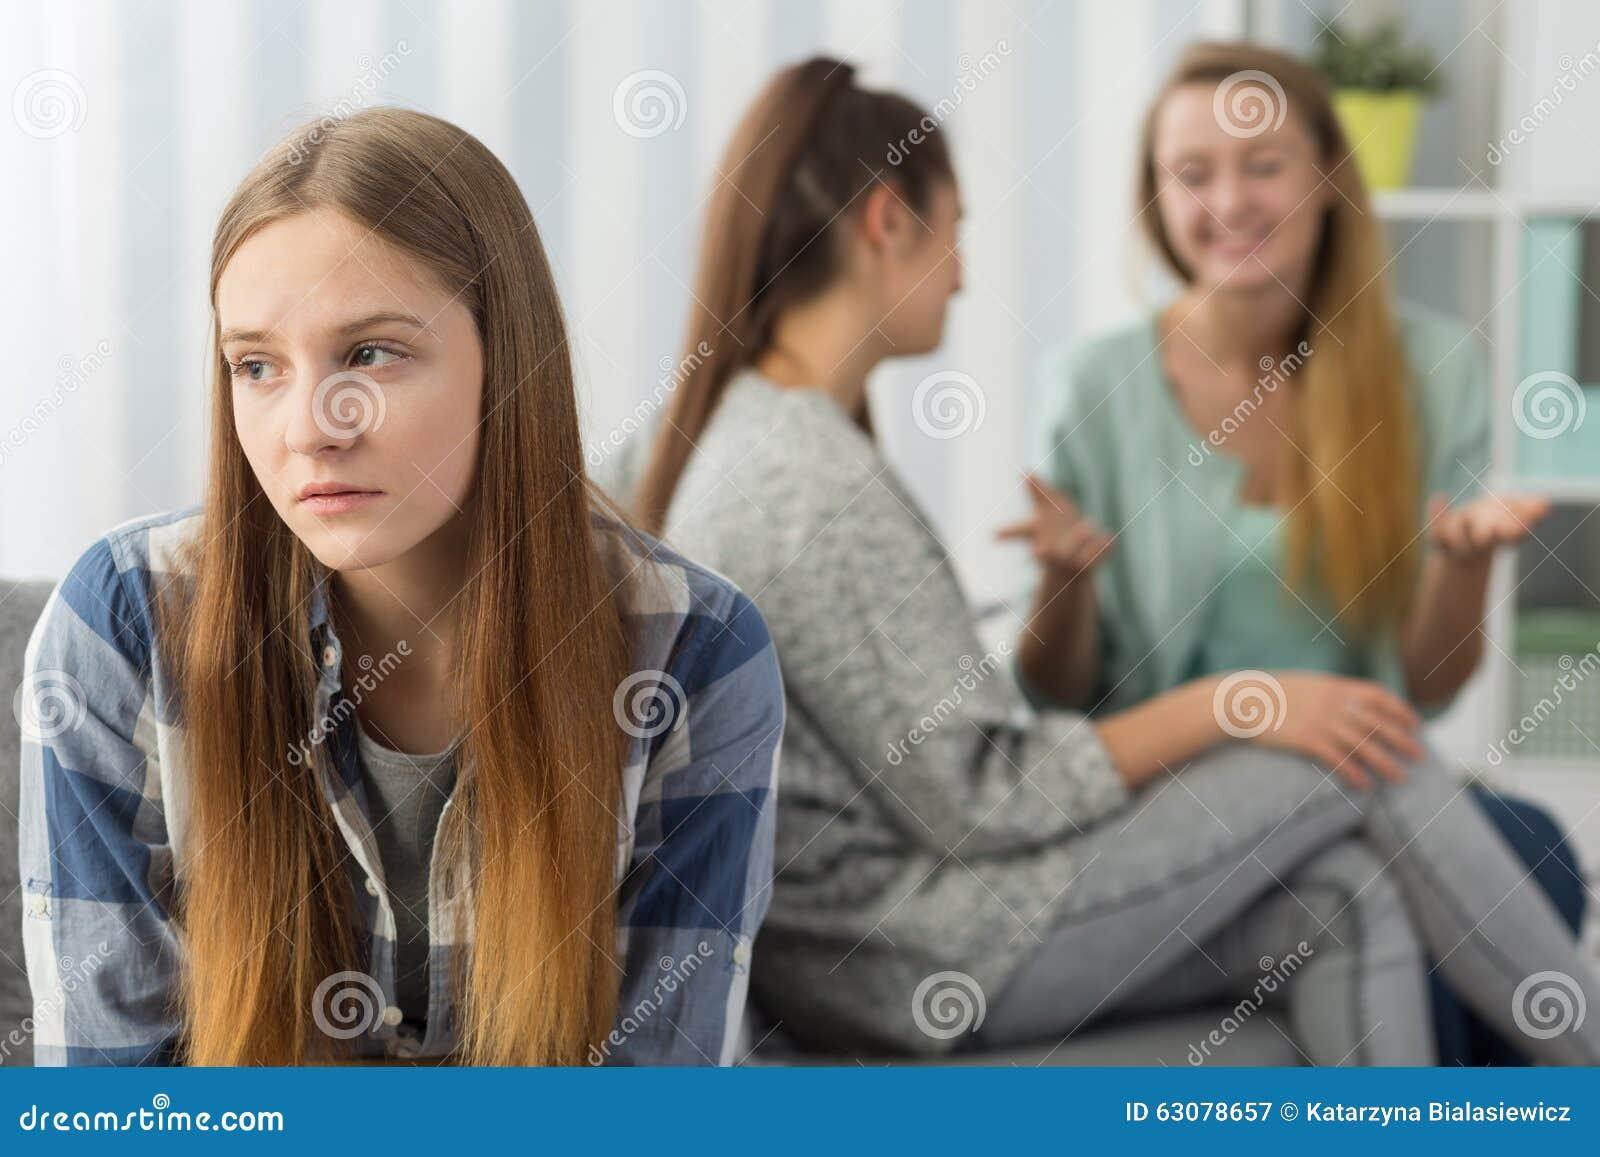 Entnackerte Teenager-Mädchen